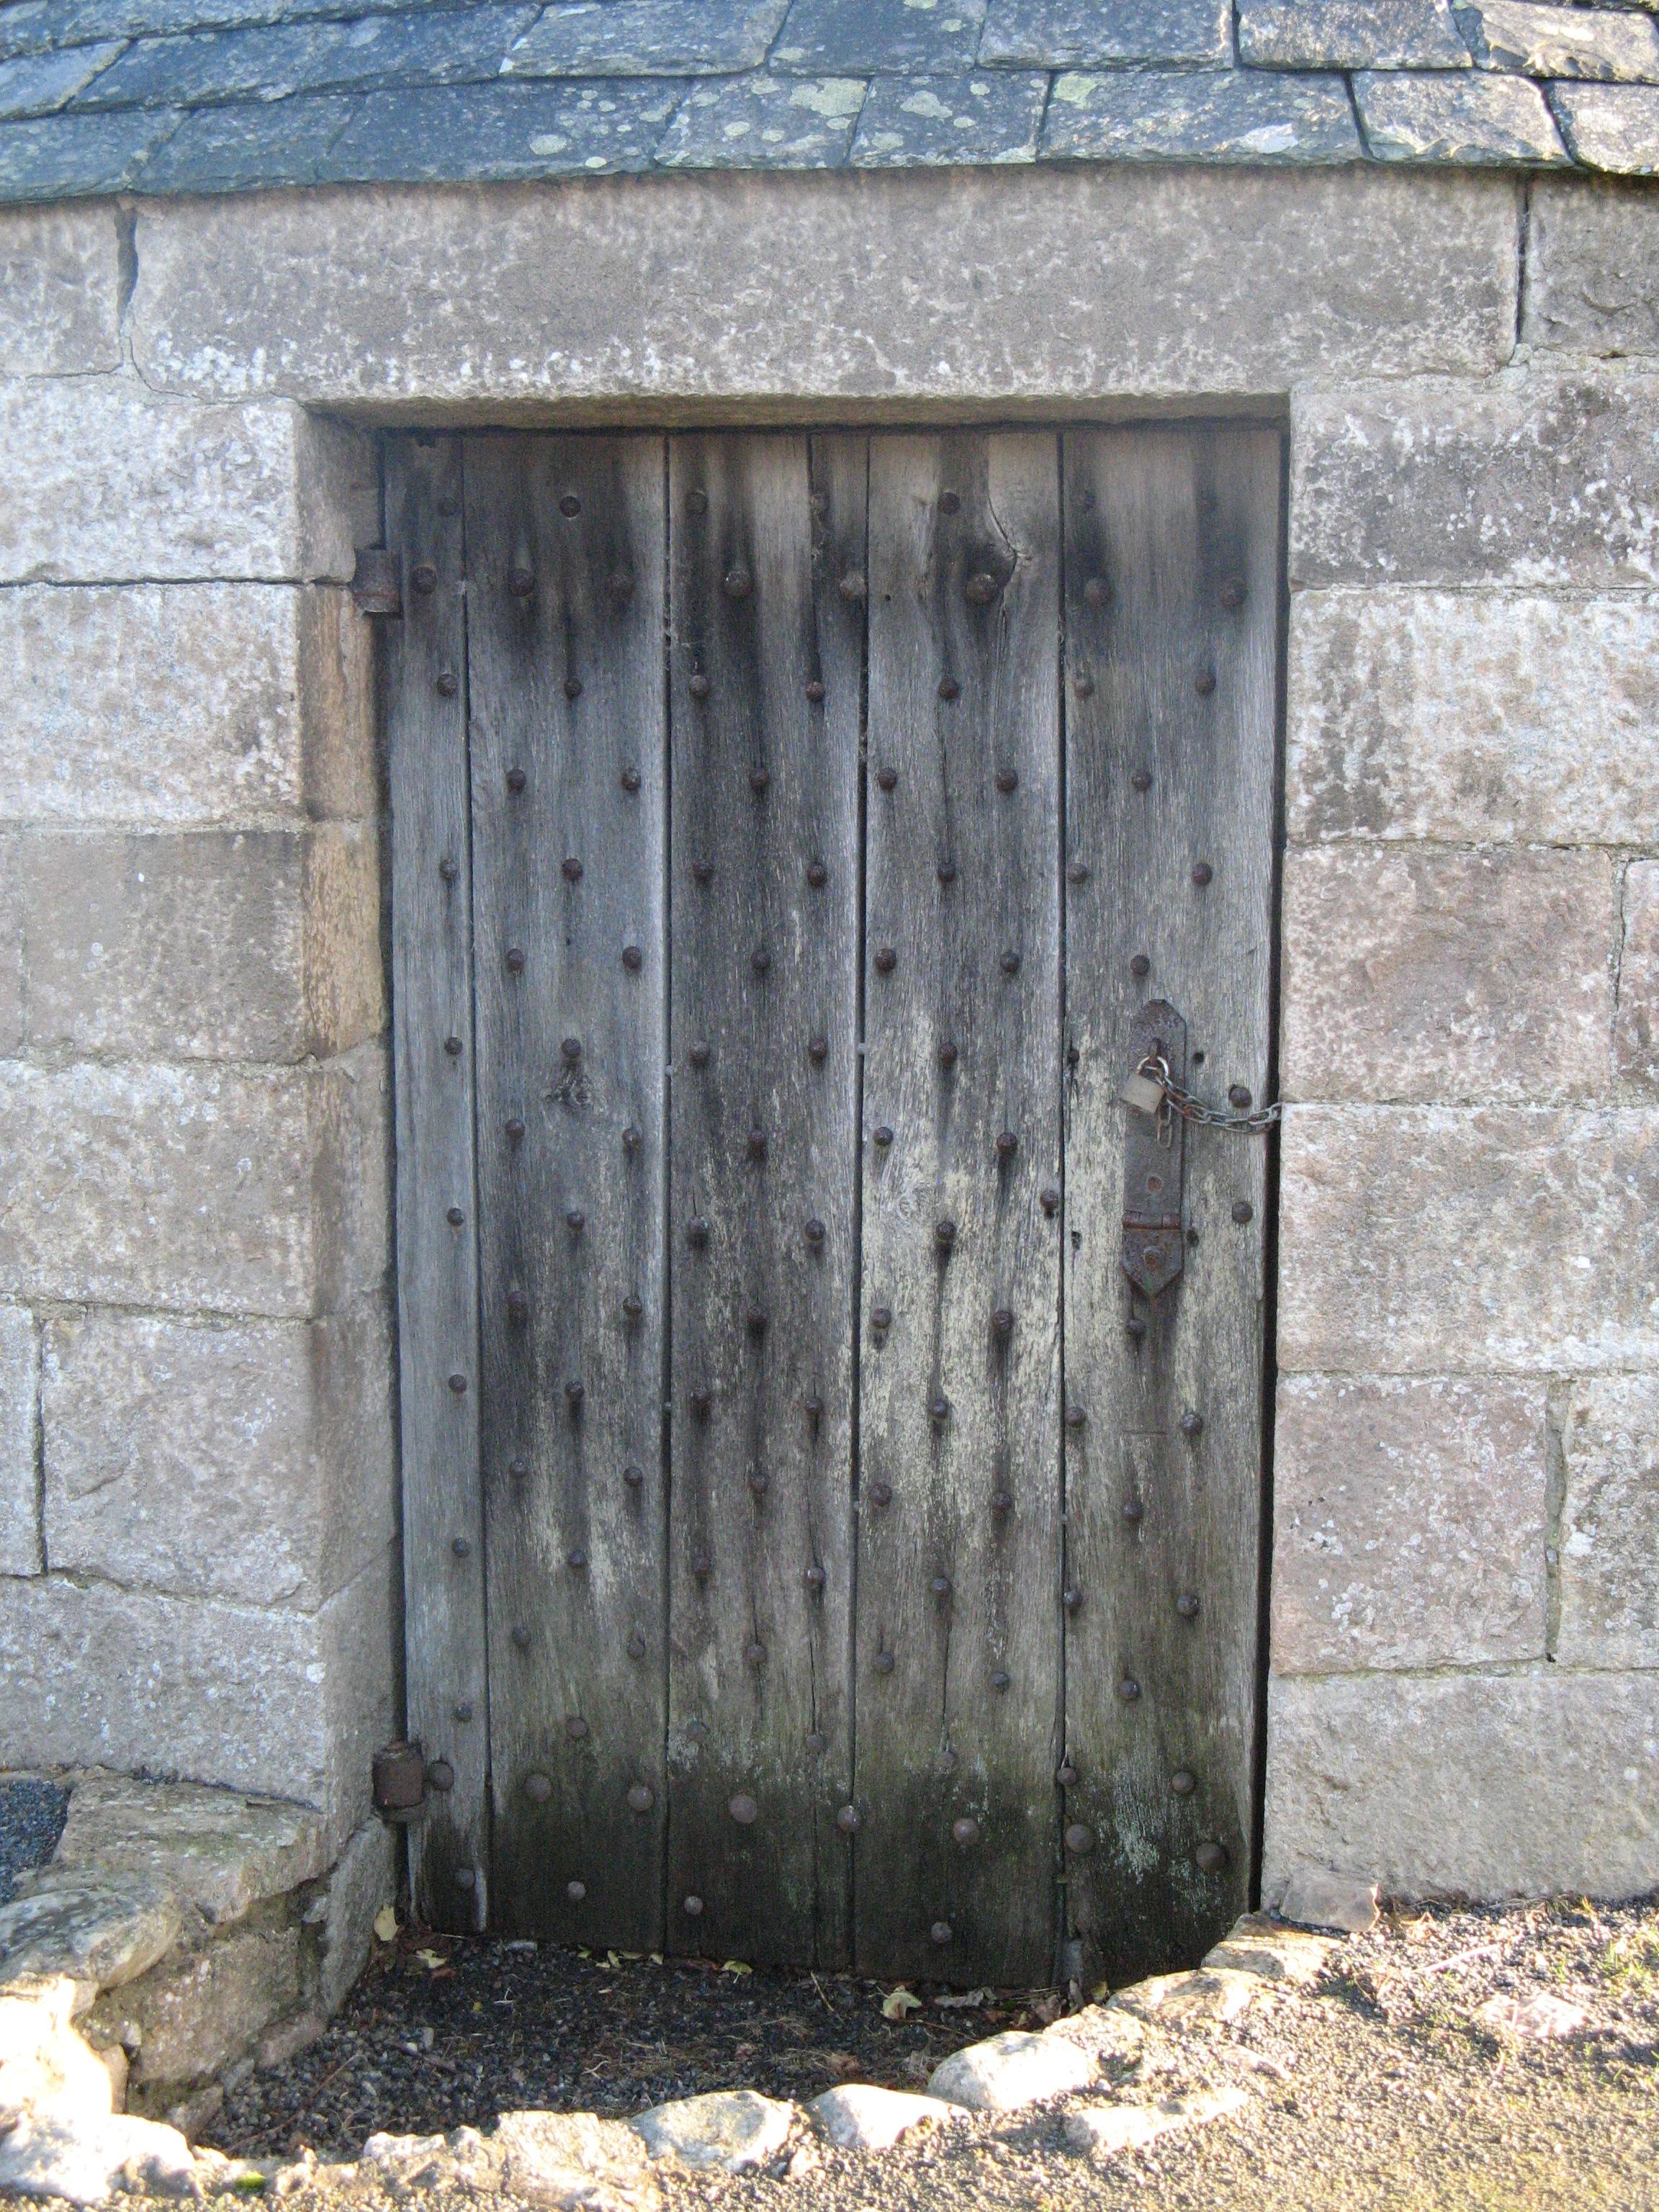 Wooden door set in stone wall